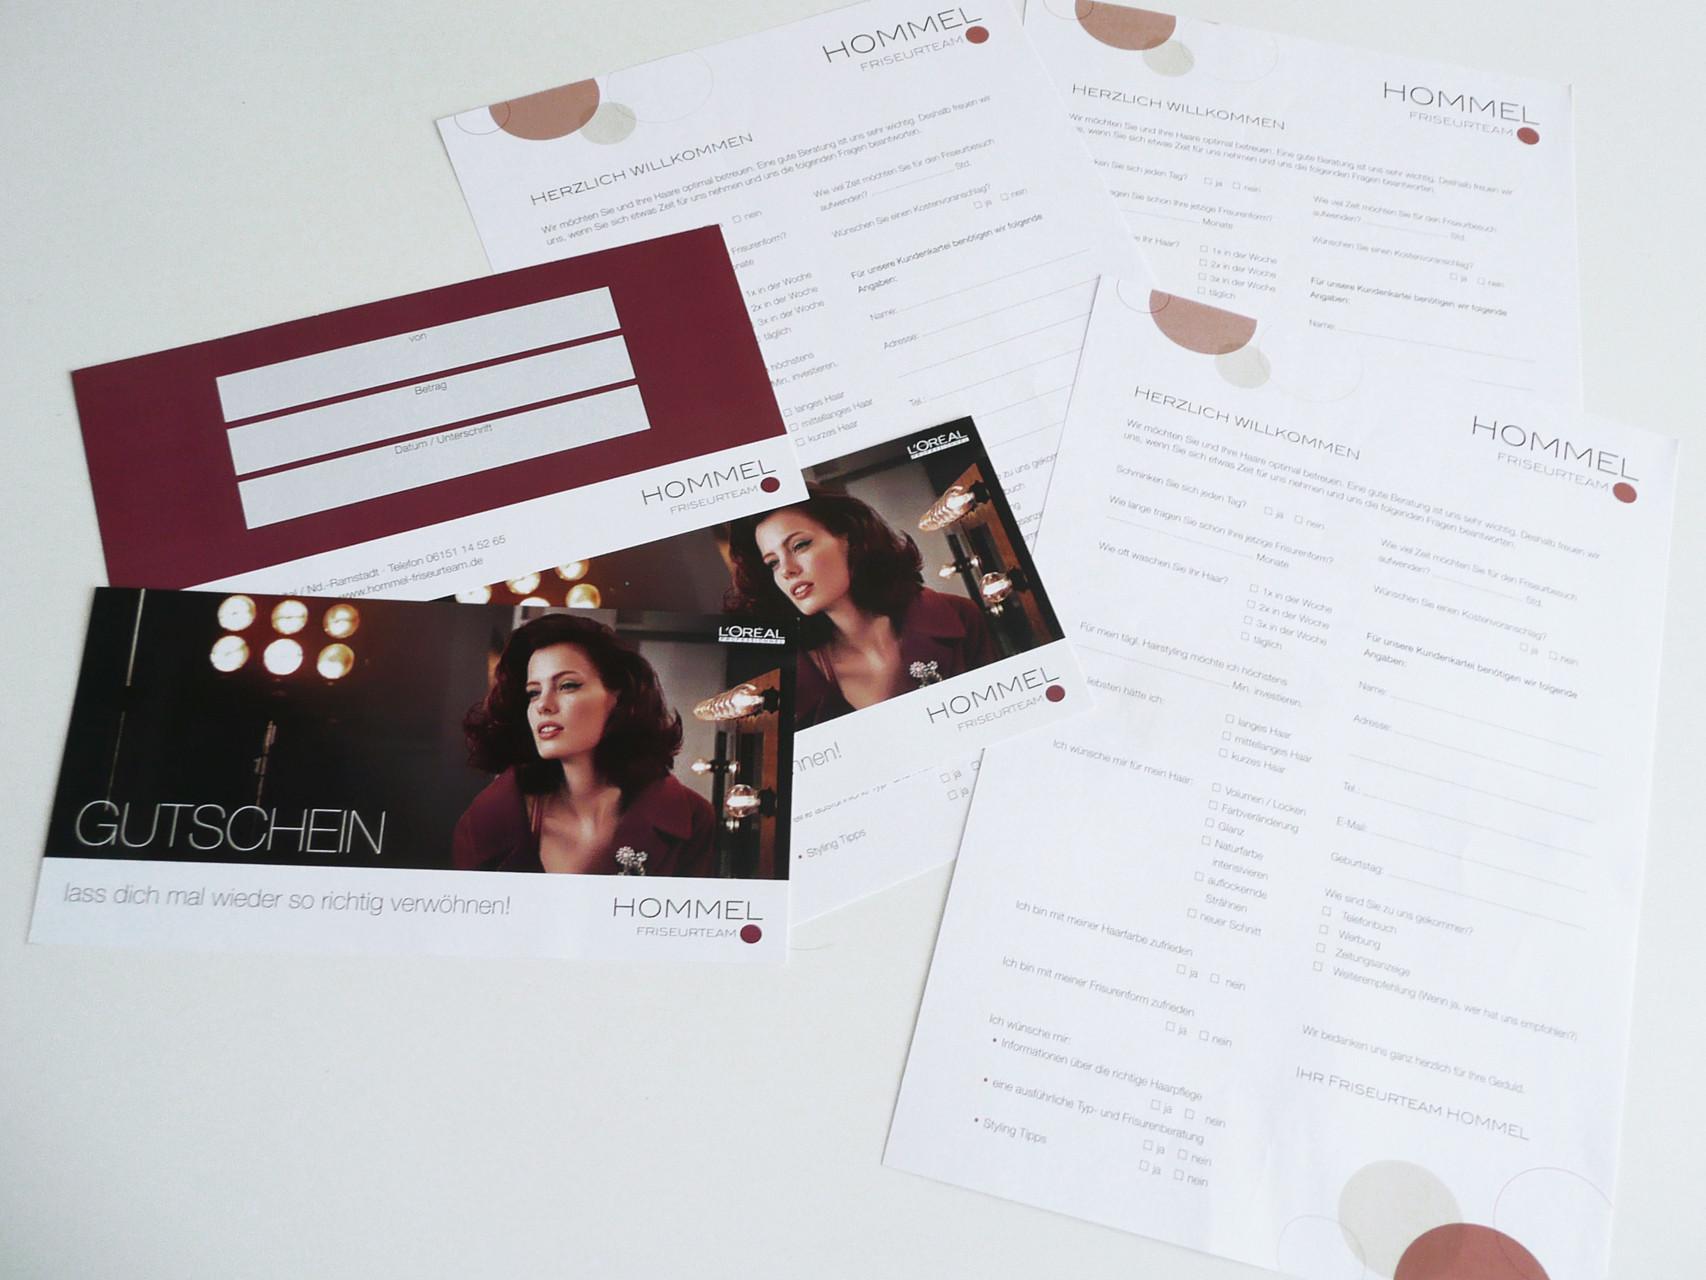 Corporate Design, Logoentwicklung, Logo, Grafikdesign, Grafik, Gestaltung, Hommel Gutschein